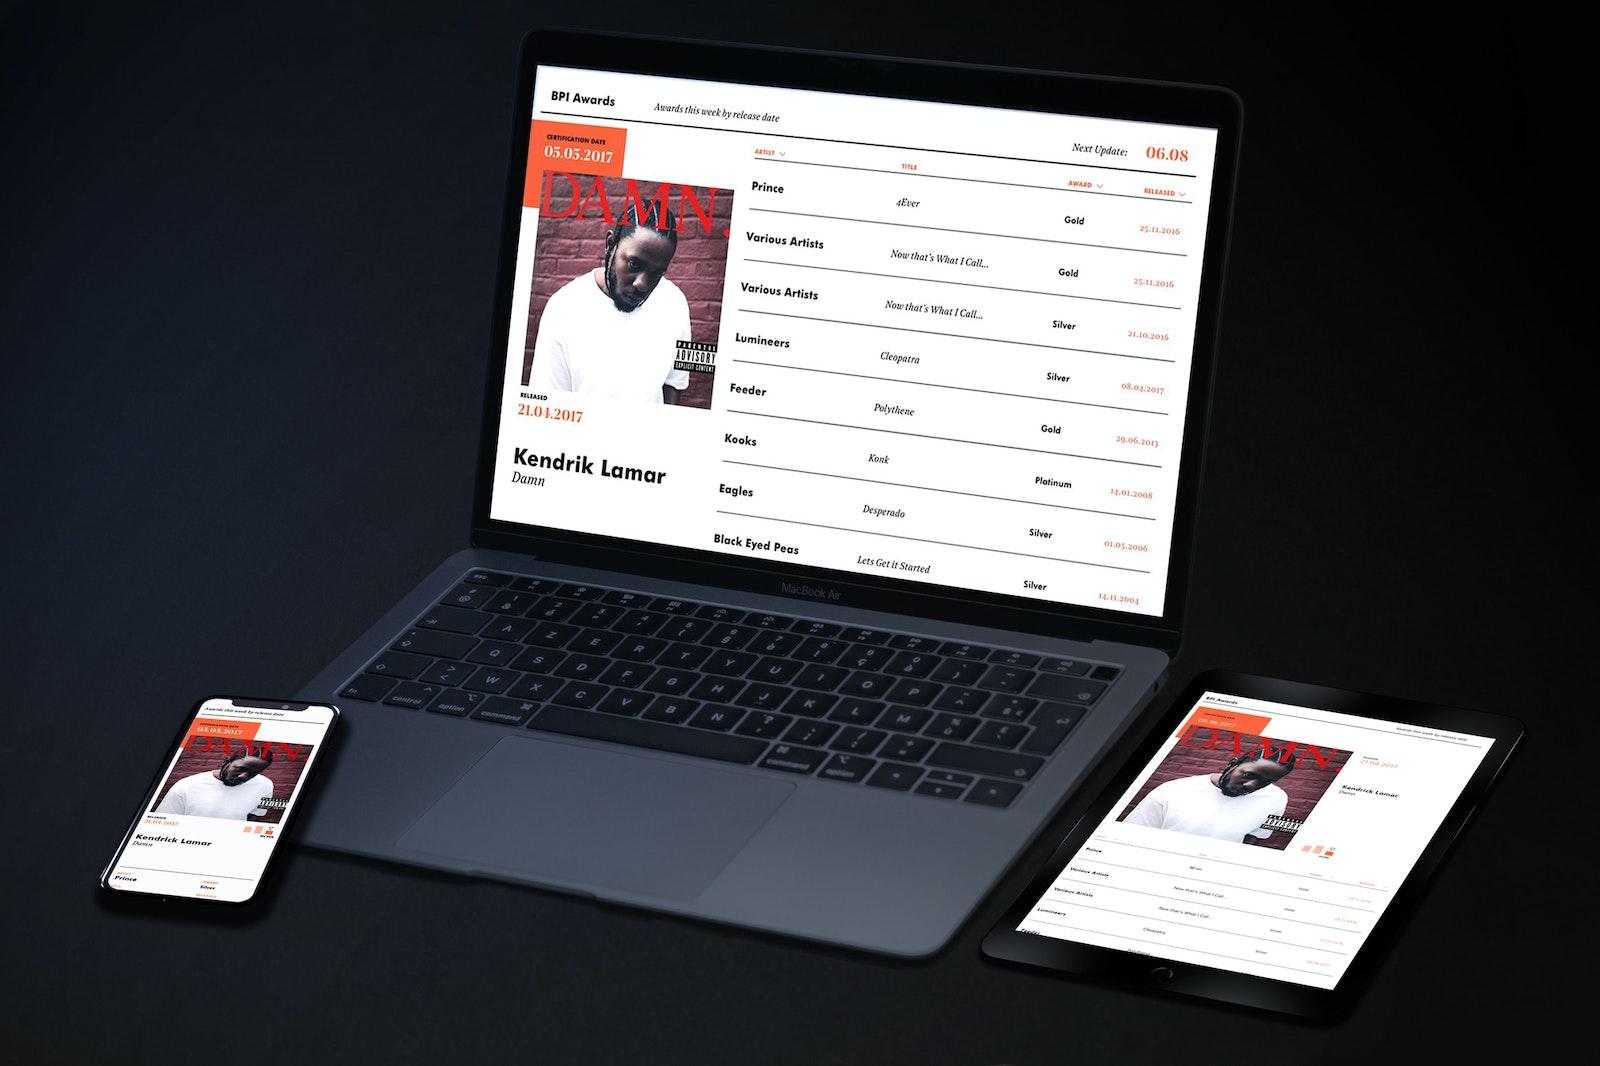 BPI Digital Relaunch